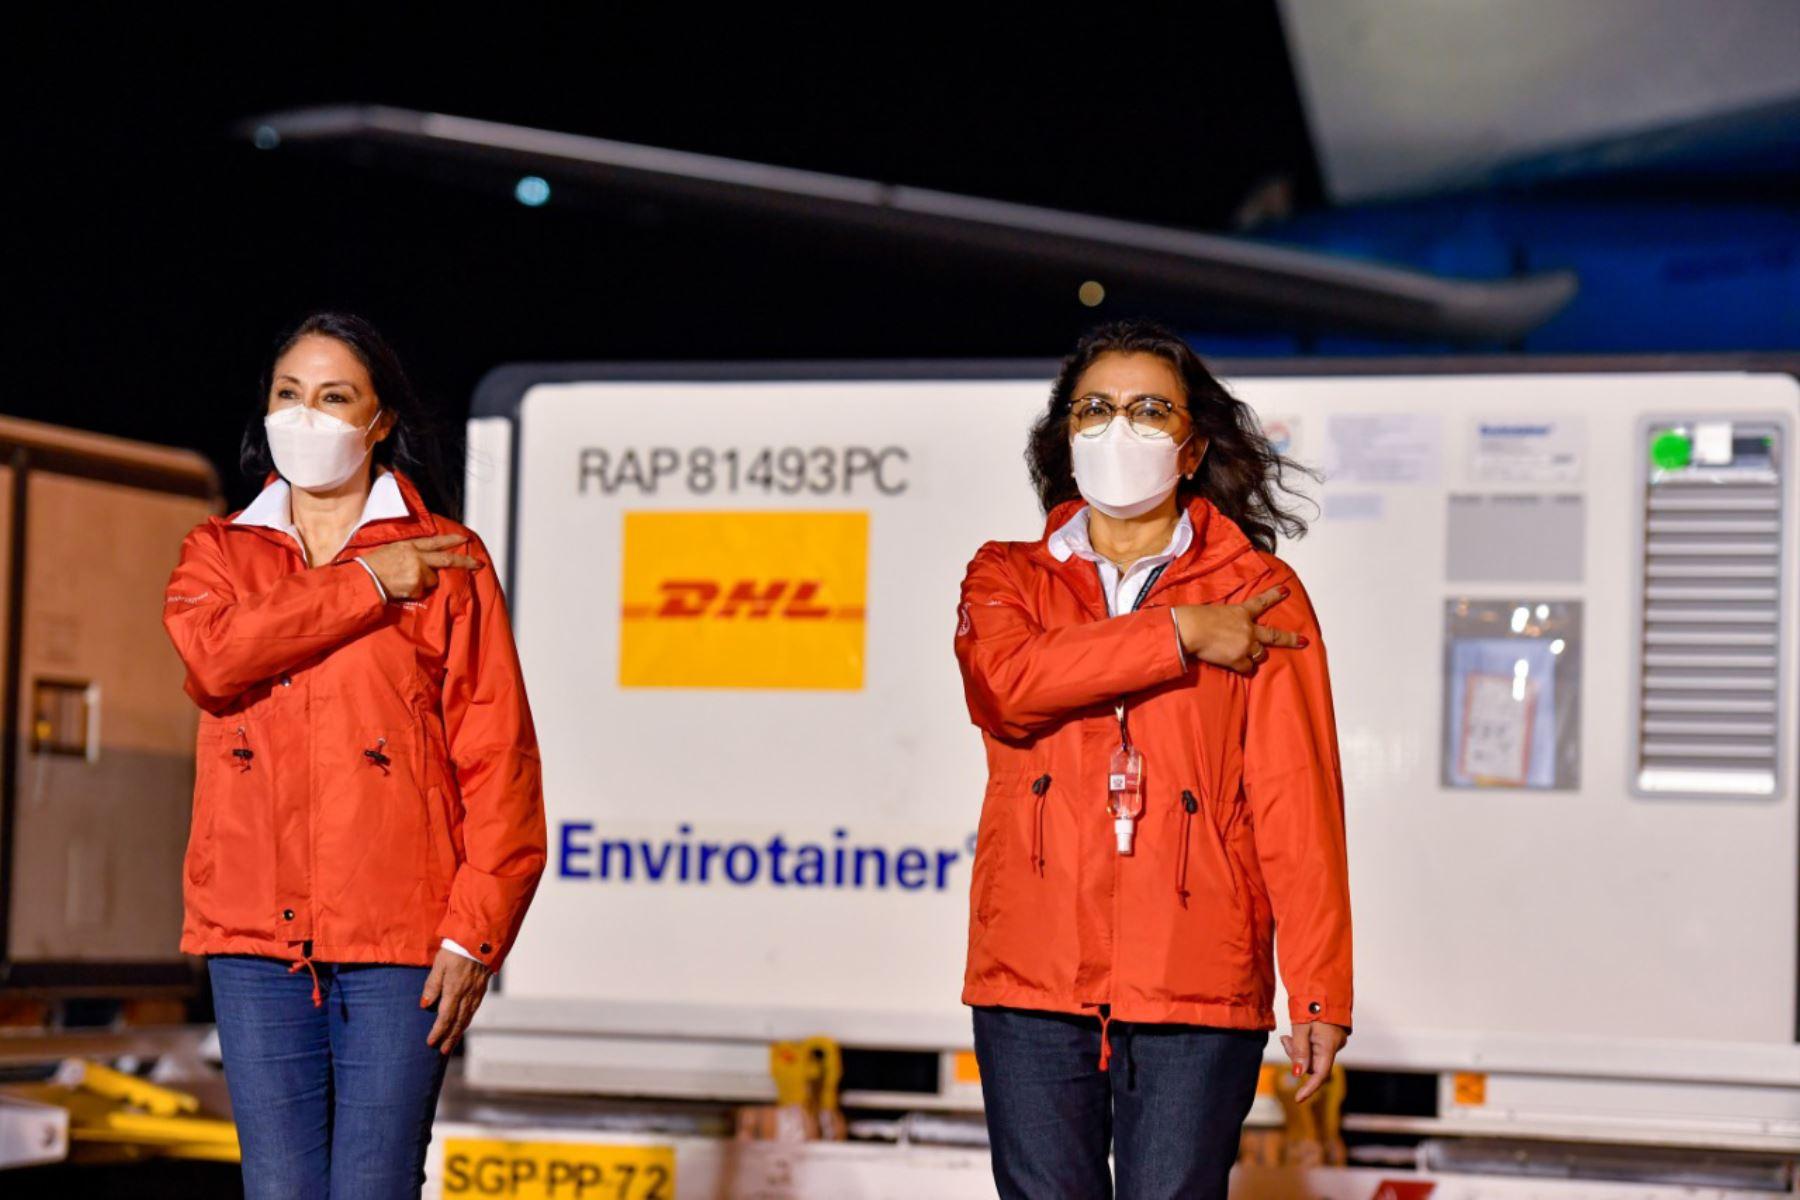 La presidenta del Consejo de Ministros, Violeta Bermúdez, junto con los titulares del Minsa, Oscar Ugarte y la Canciller del Perú, Elizabeth Astete participan en la llegada del segundo lote de 700 mil vacunas contra la covid-19. Foto: PCM